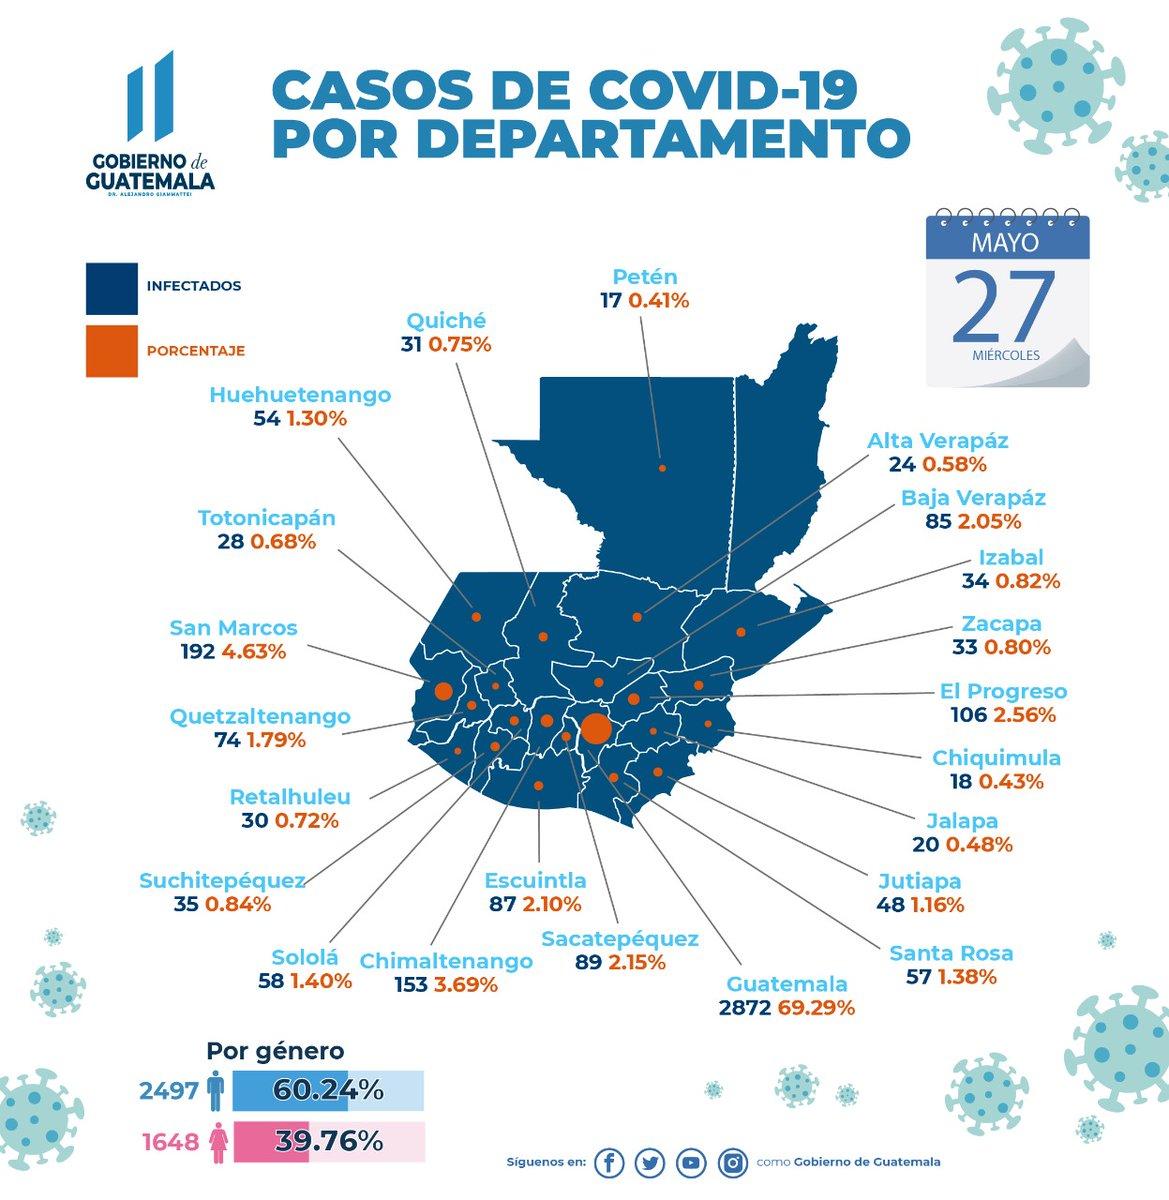 test Twitter Media - Gobierno rectifica identificación en los departamentos y comparte nueva gráfica de casos de COVID-19 en el país. https://t.co/6TDHMBGOQR